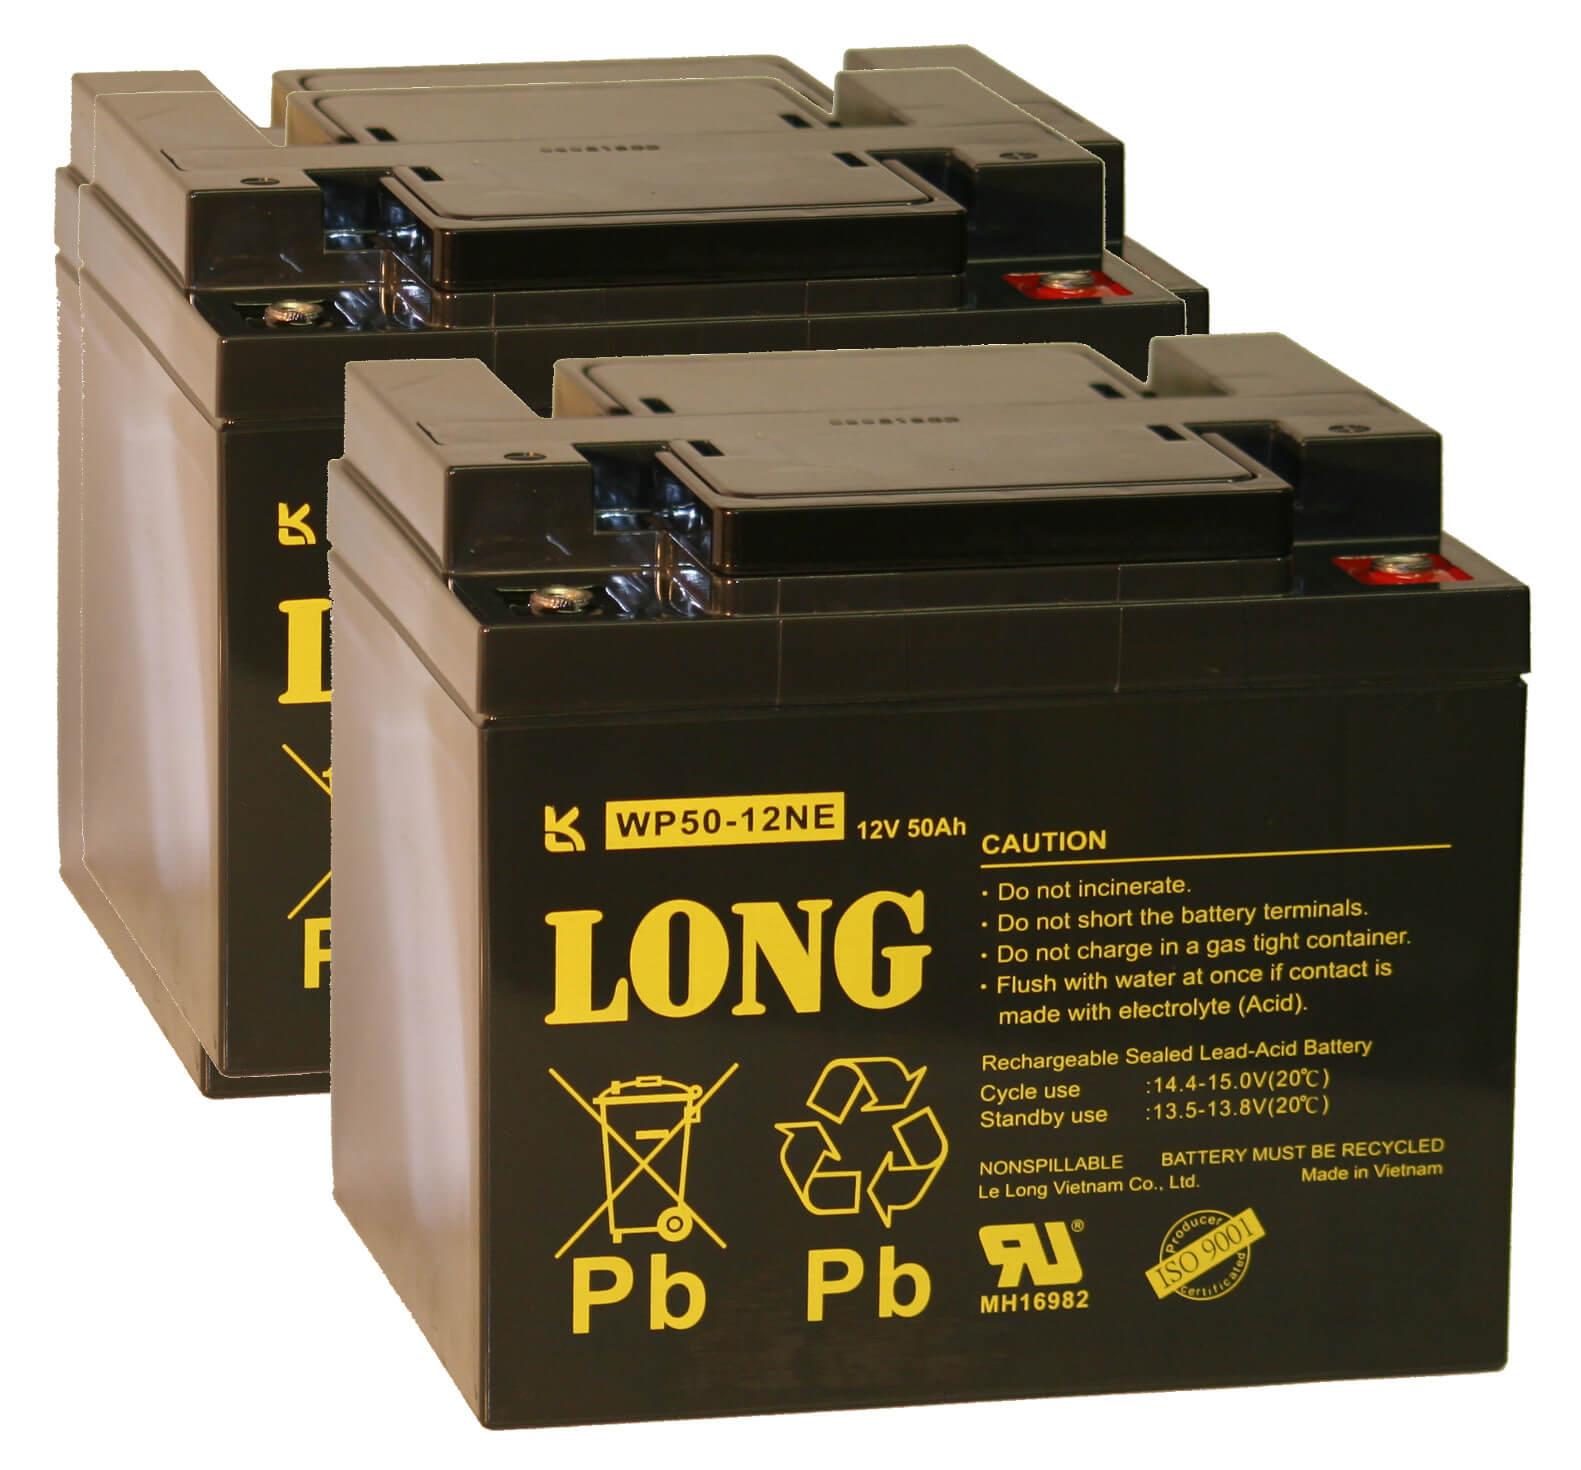 Ersatzbatterie Set für E-Rollstuhl ORTOPEDIA Citipartner3/4 - 2x 12V 50Ah